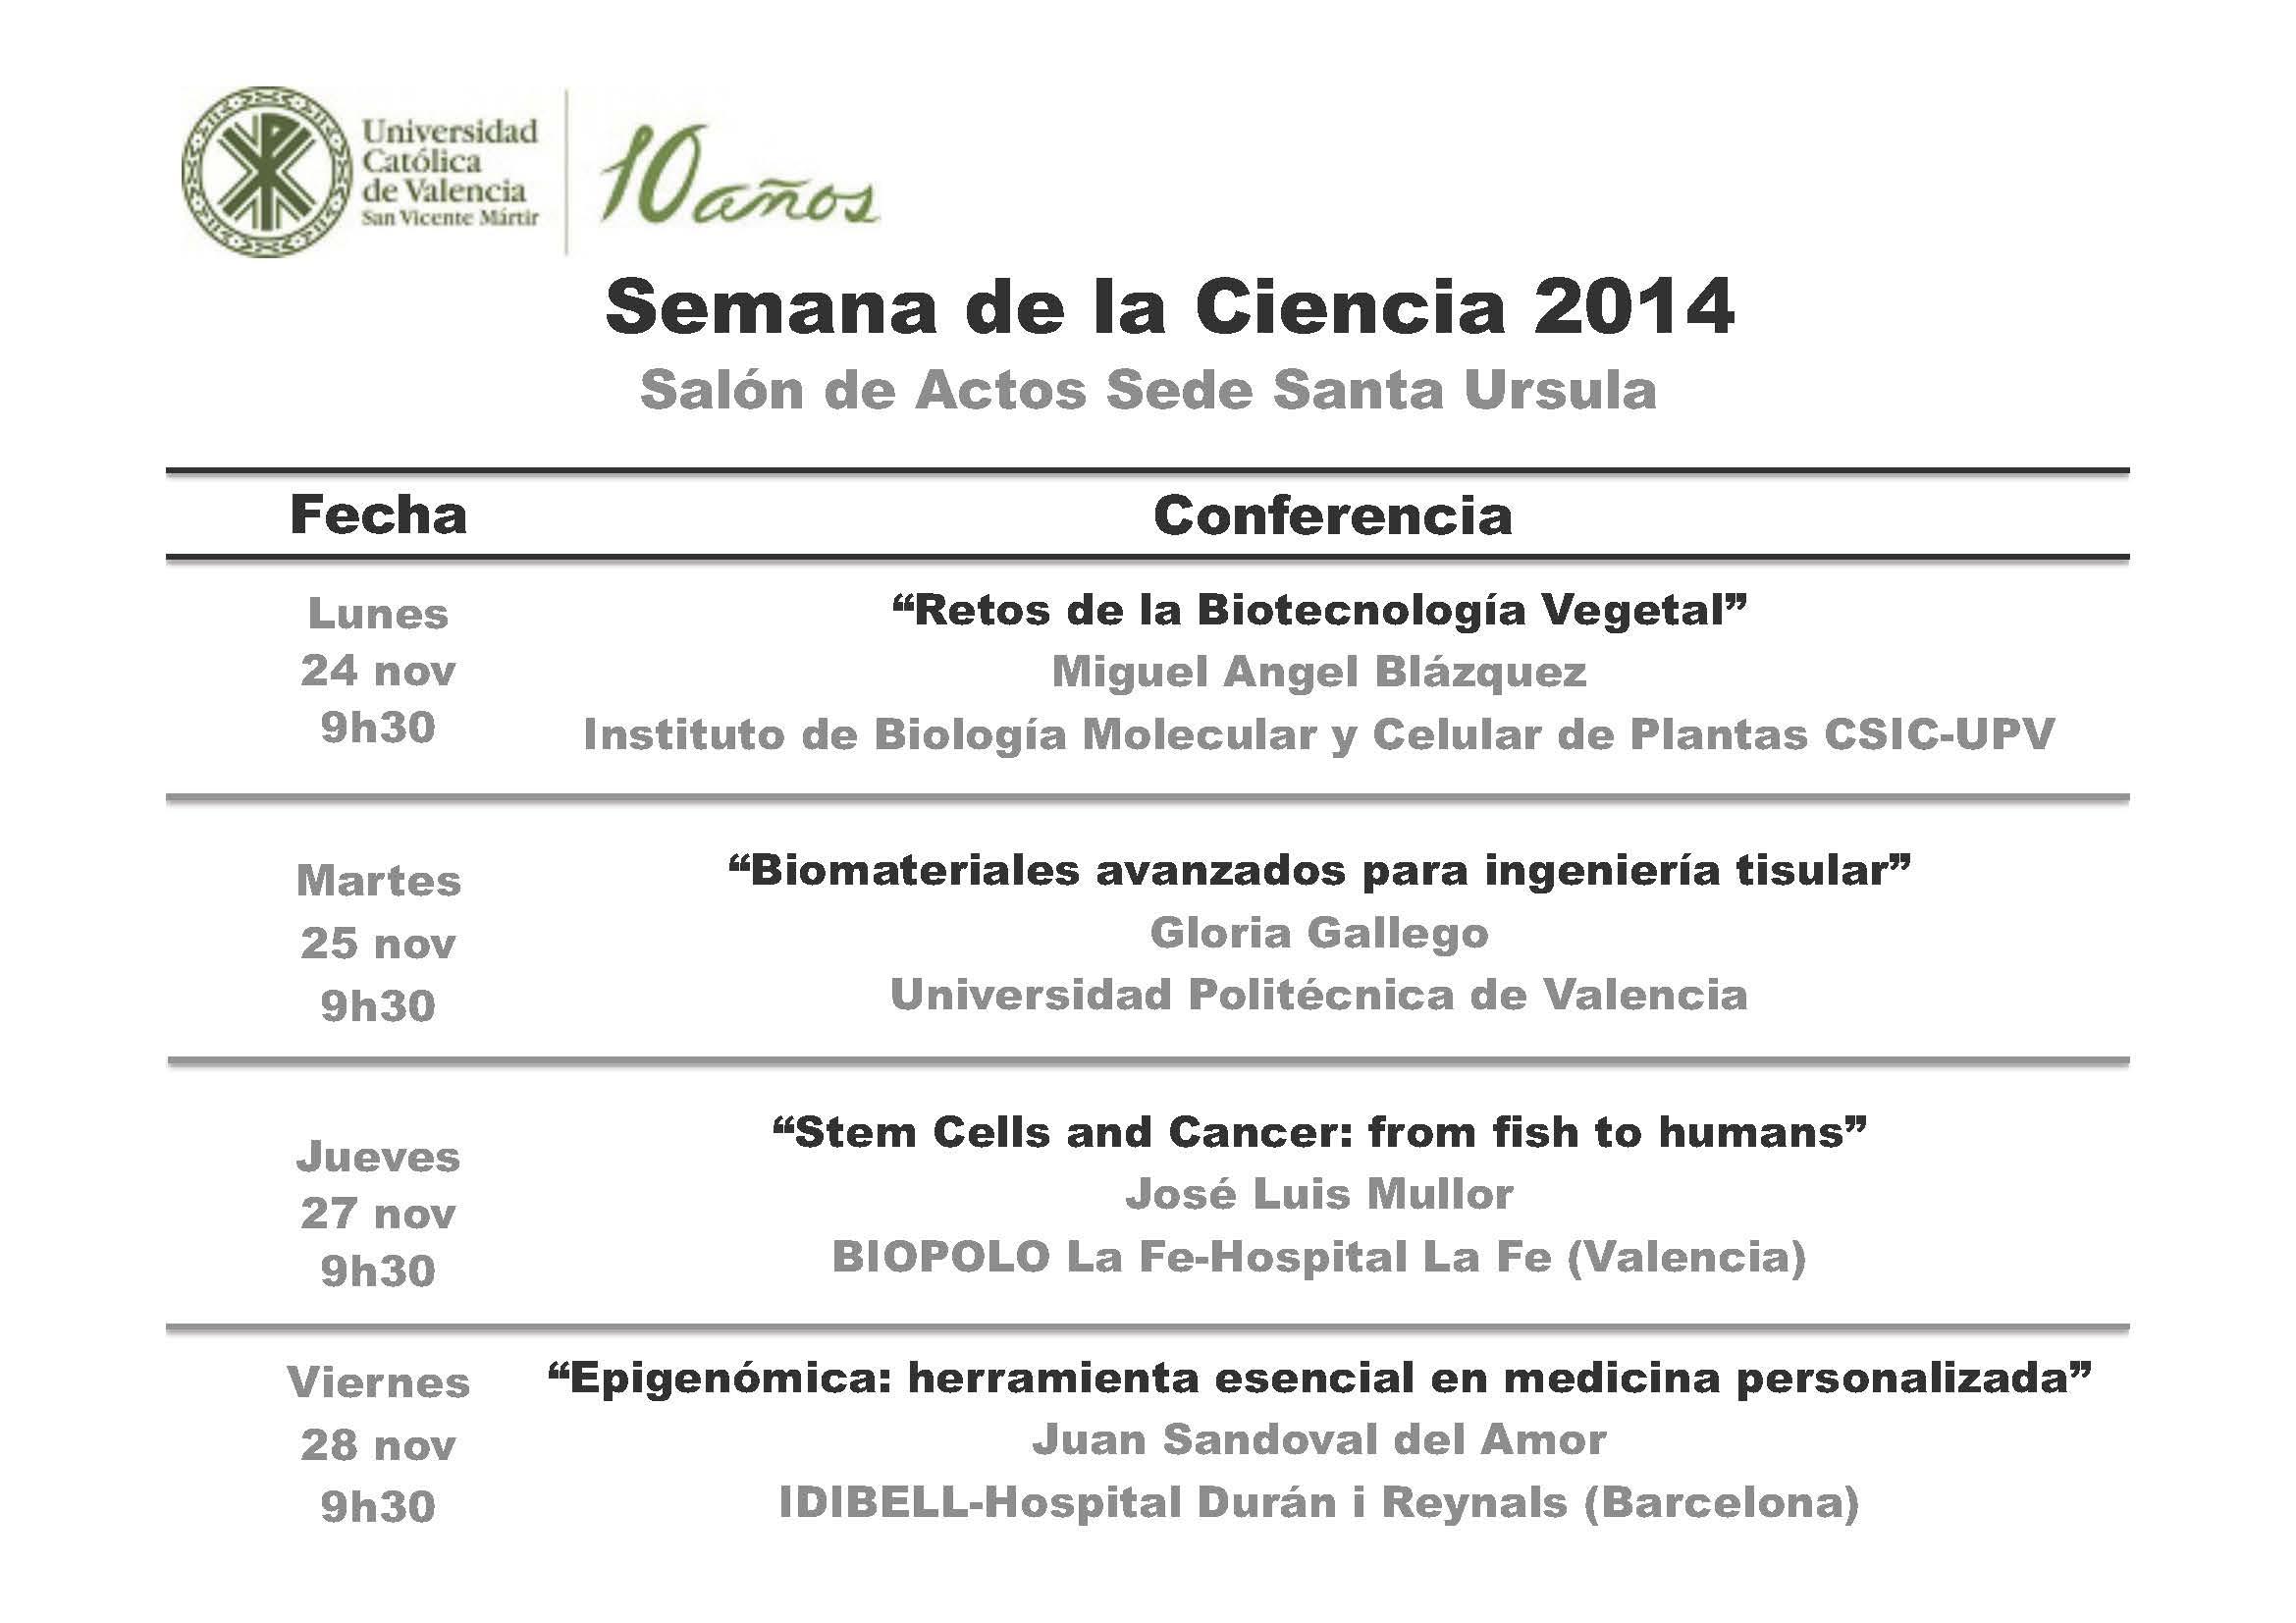 Cartel de la Semana de la Ciencia en la Universidad Católica de Valencia